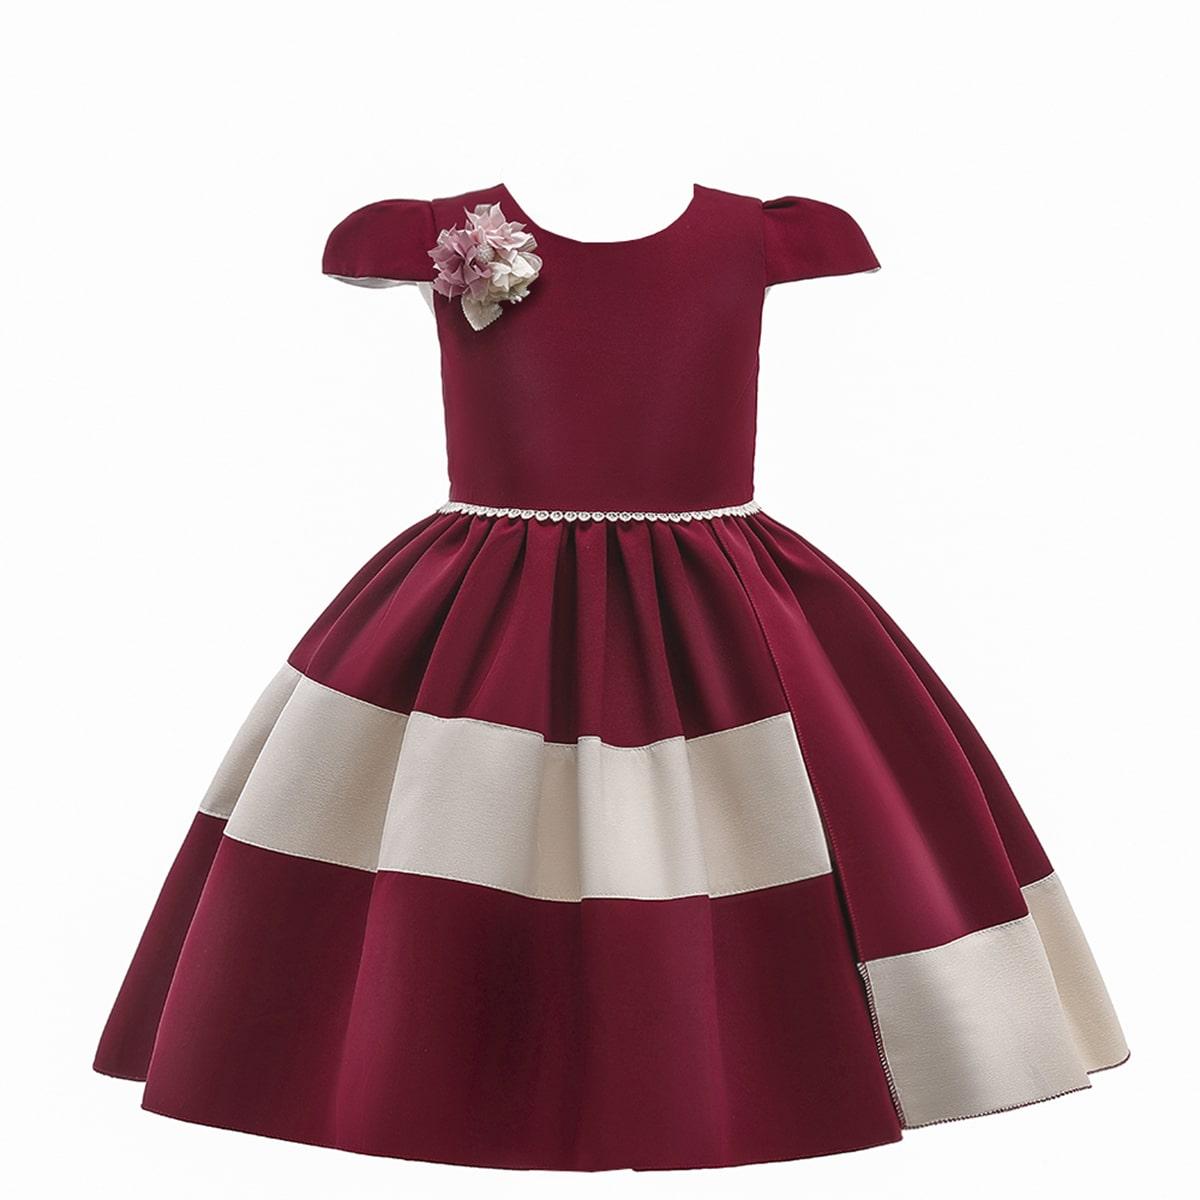 с аппликацией на молнии С бантом сзади Контрастный цвет Очаровательный Нарядное платье для девочек